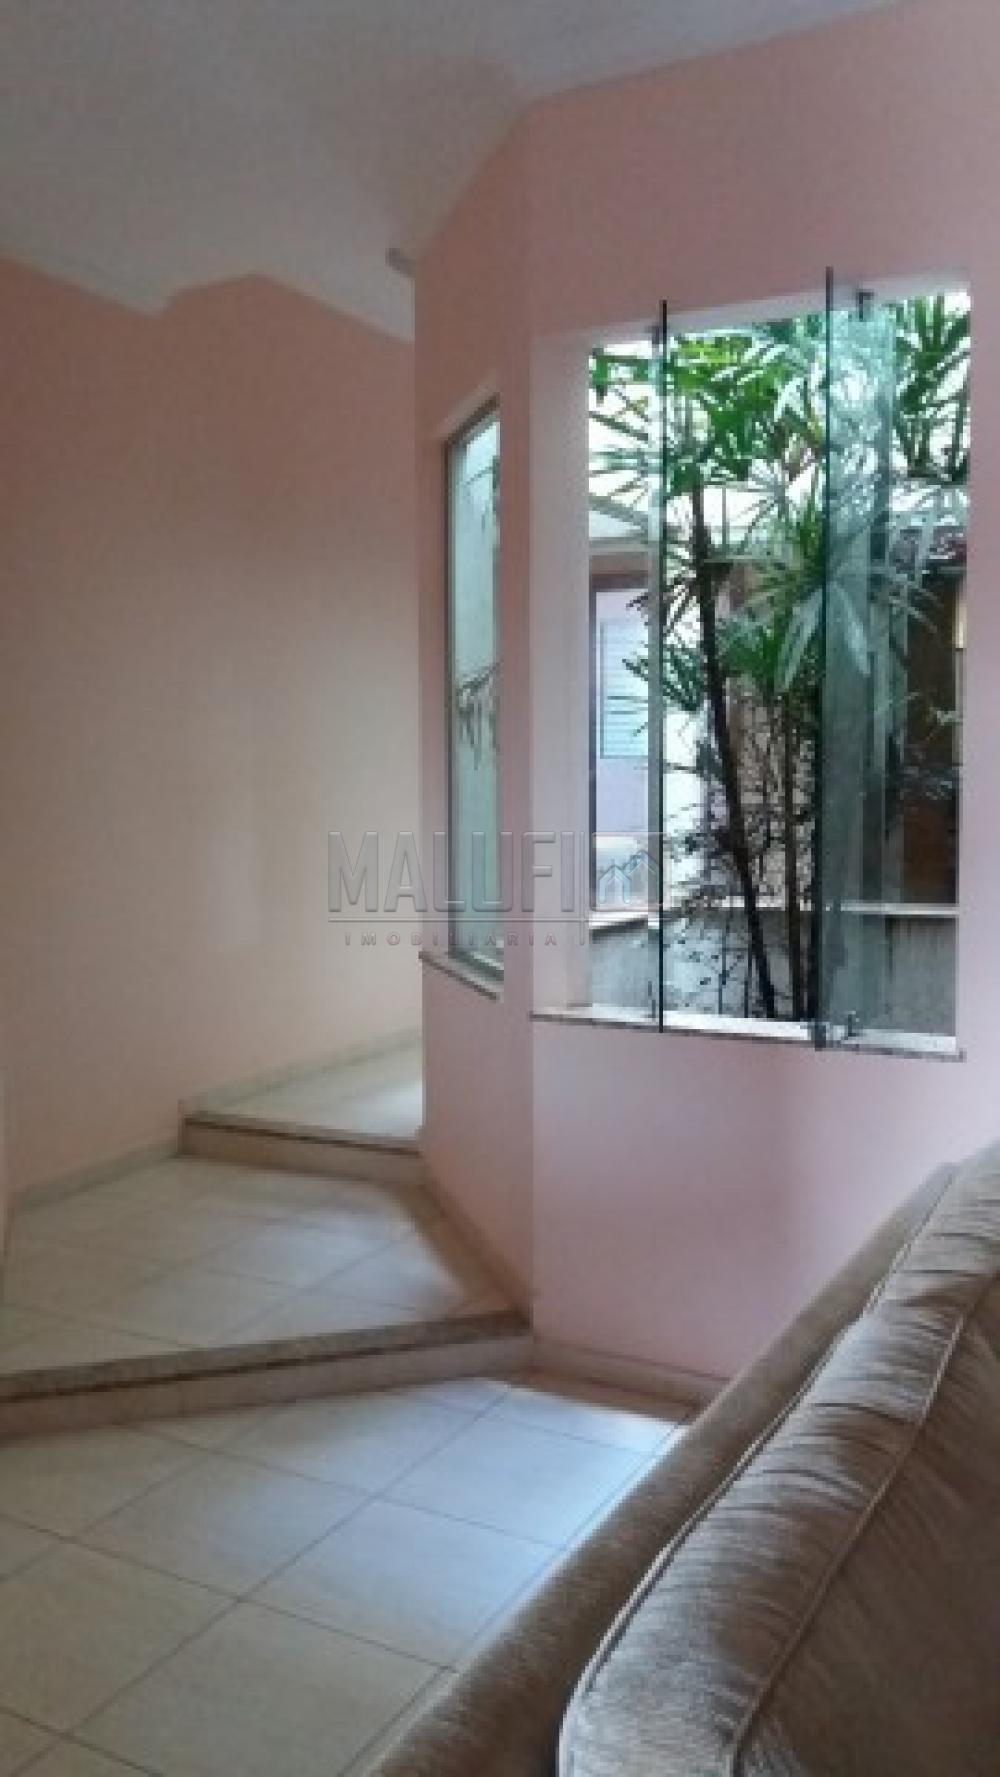 Comprar Casas / Padrão em Olímpia apenas R$ 650.000,00 - Foto 12